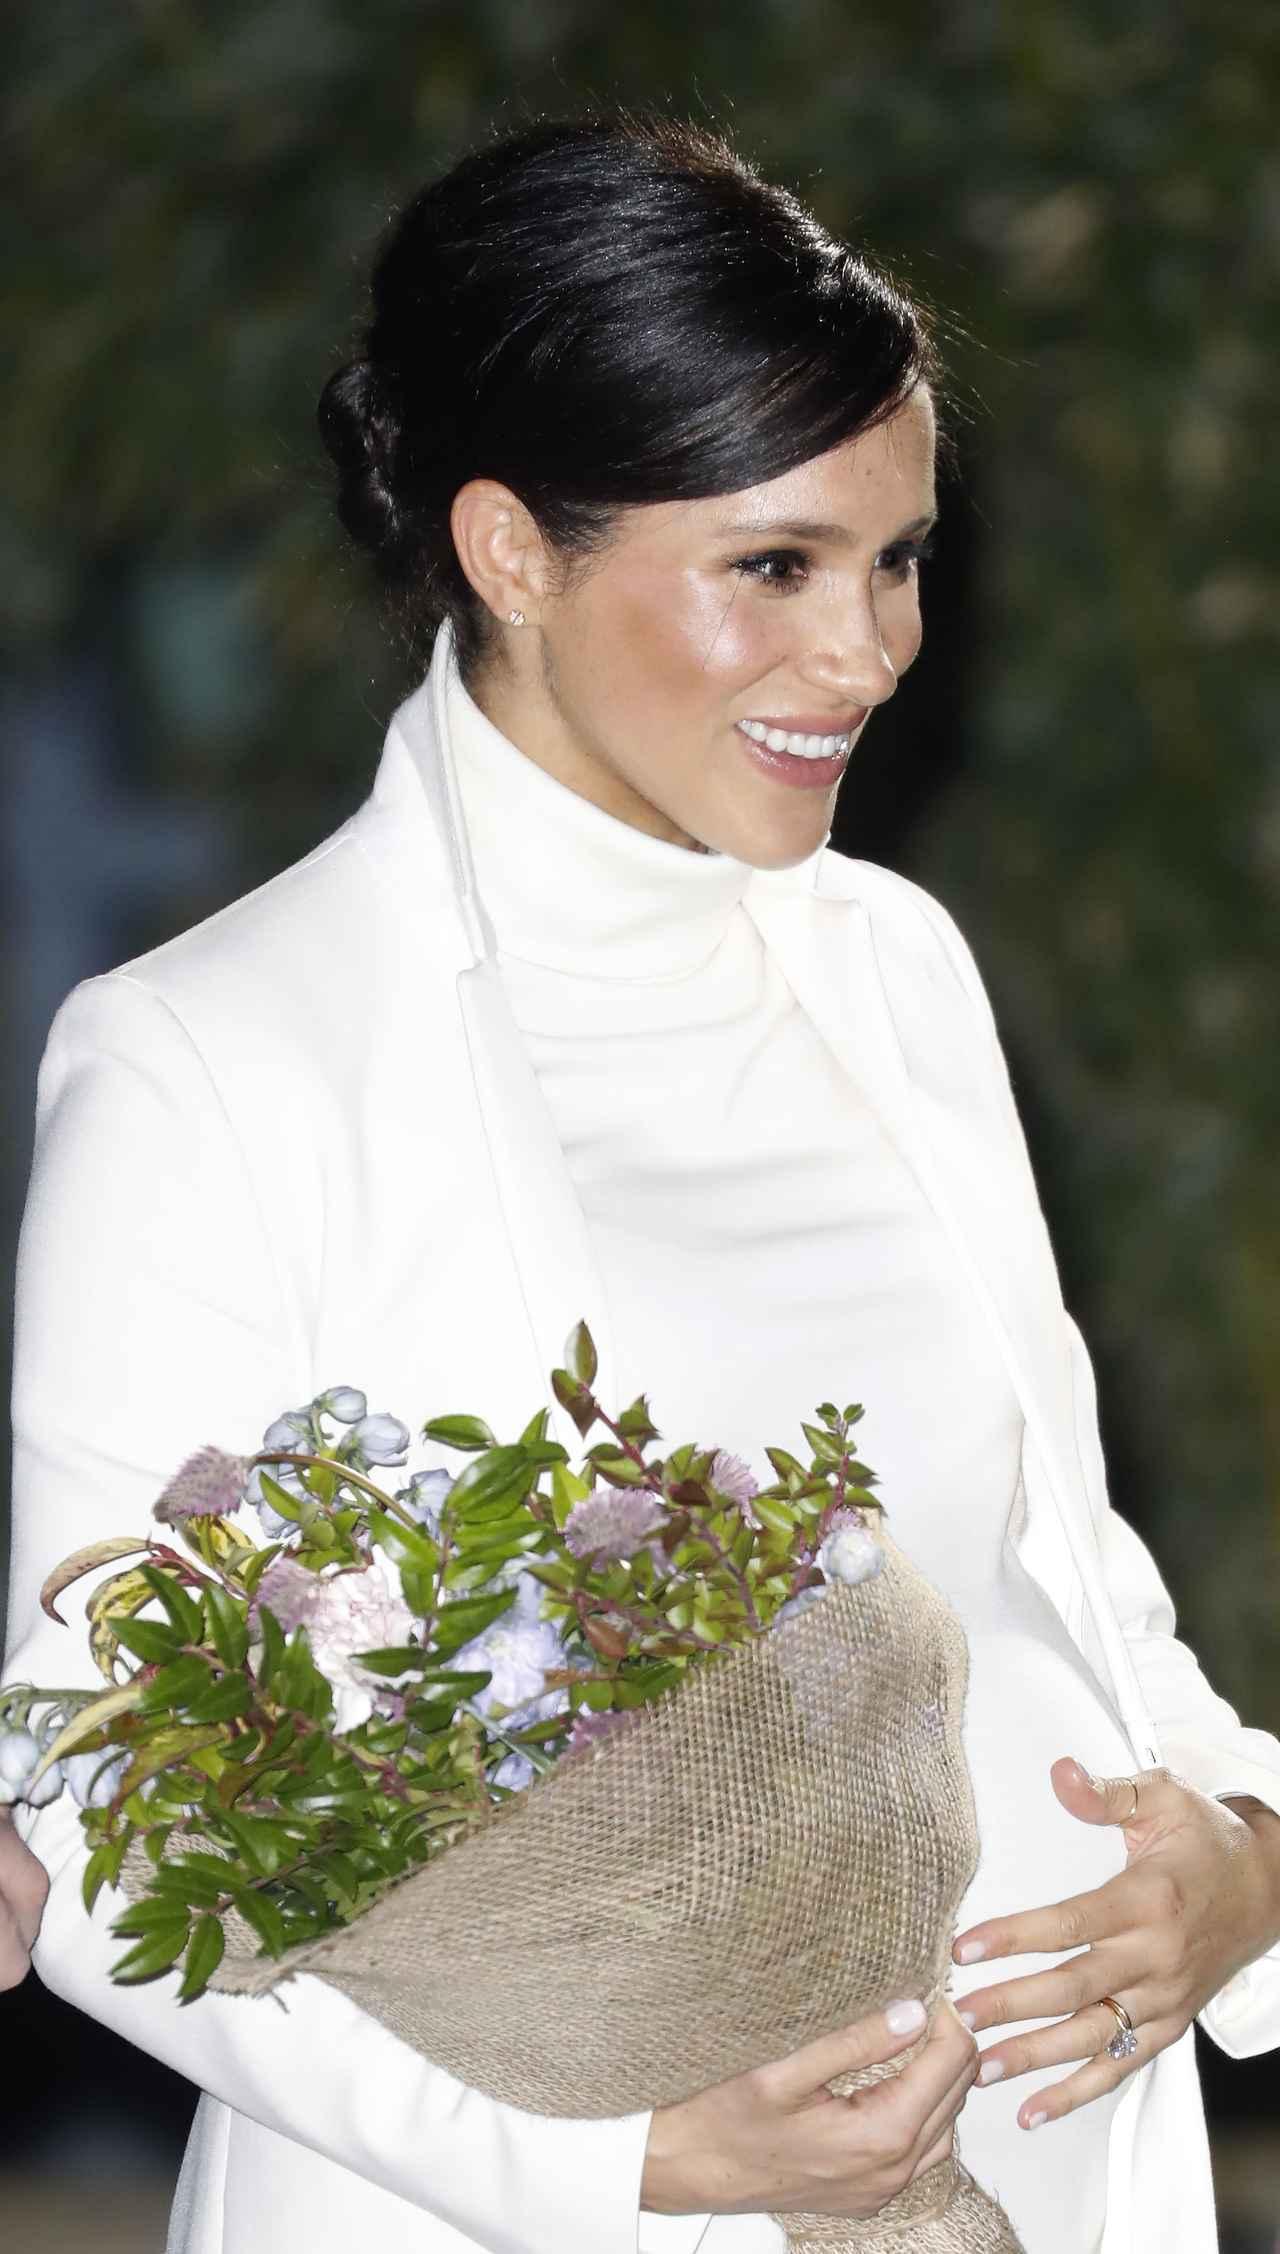 画像3: イギリス王室のメーガン妃、「あの」アメリカの伝統イベントのために故郷に極秘帰国!